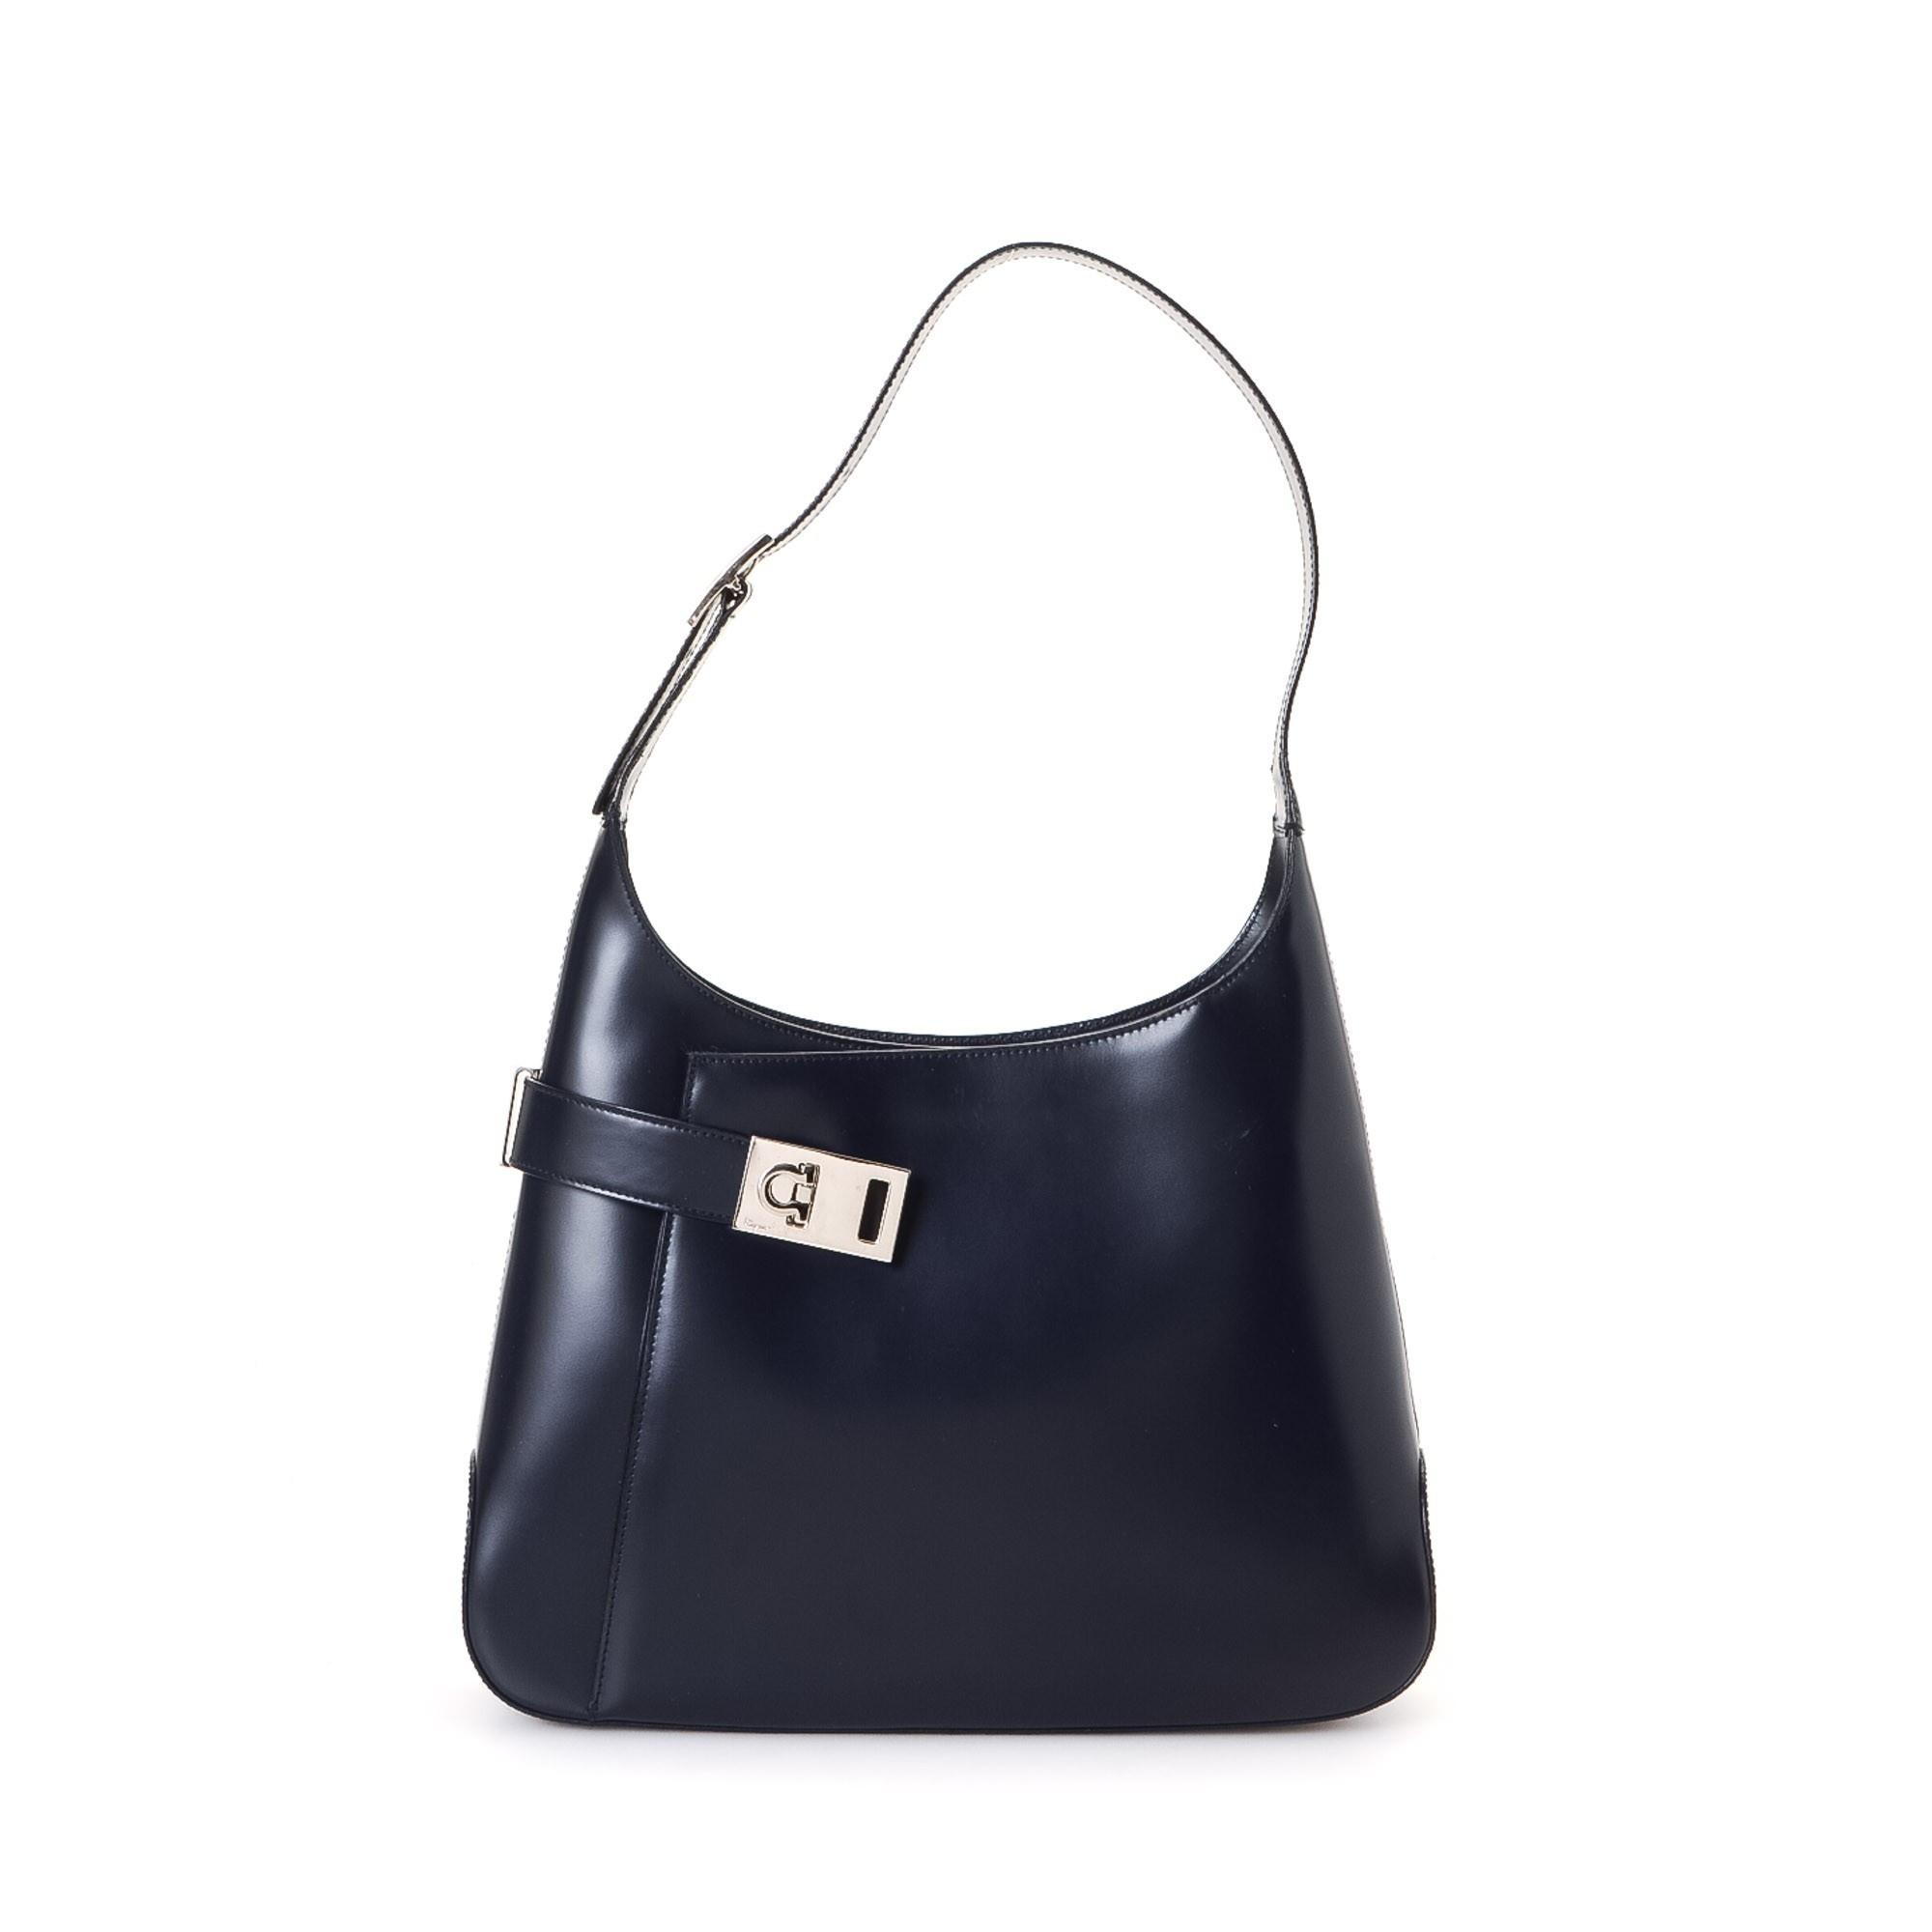 Ferragamo Shoulder Bag Gancini Black Box Calf Shoulder Bag LXRCO